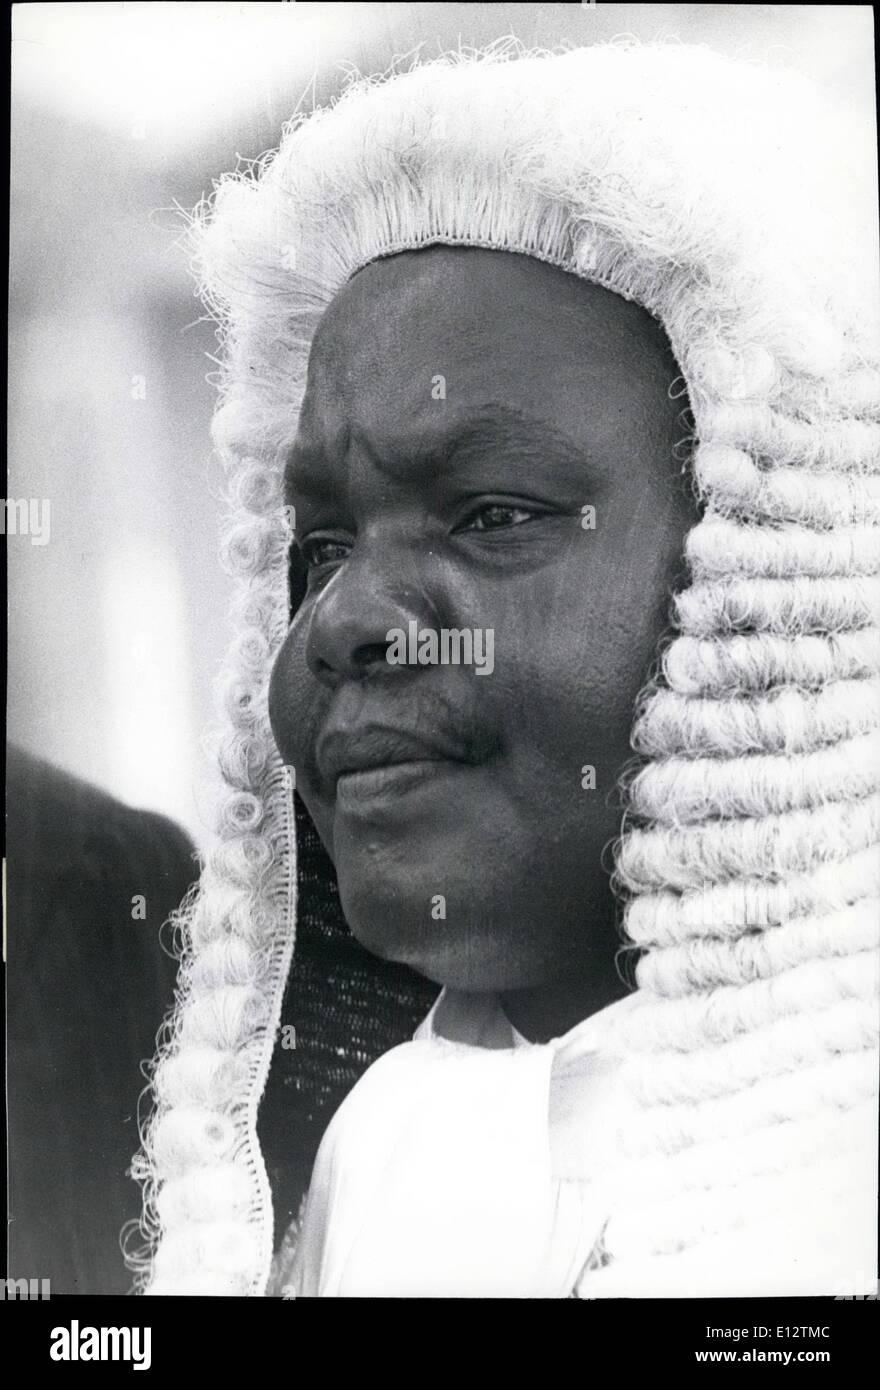 El 24 de febrero, 2012 - El Sr. F.M.G.MATI, MP. El portavoz de la Asamblea Nacional de Kenya. Foto de stock